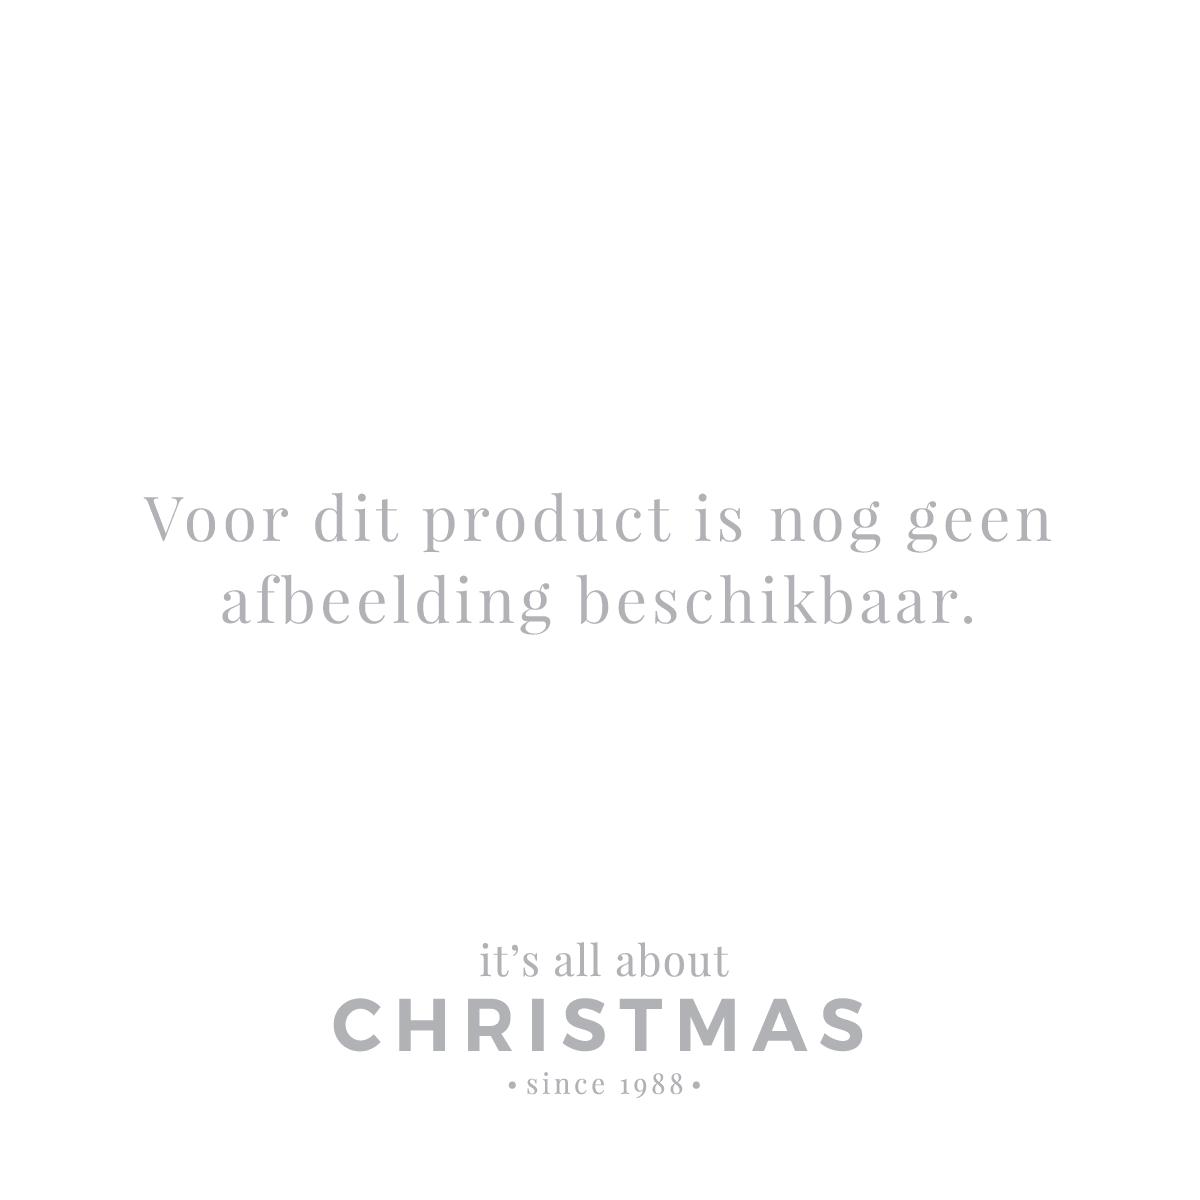 Shatterproof XXXL Christmas bauble teal matt 25 cm